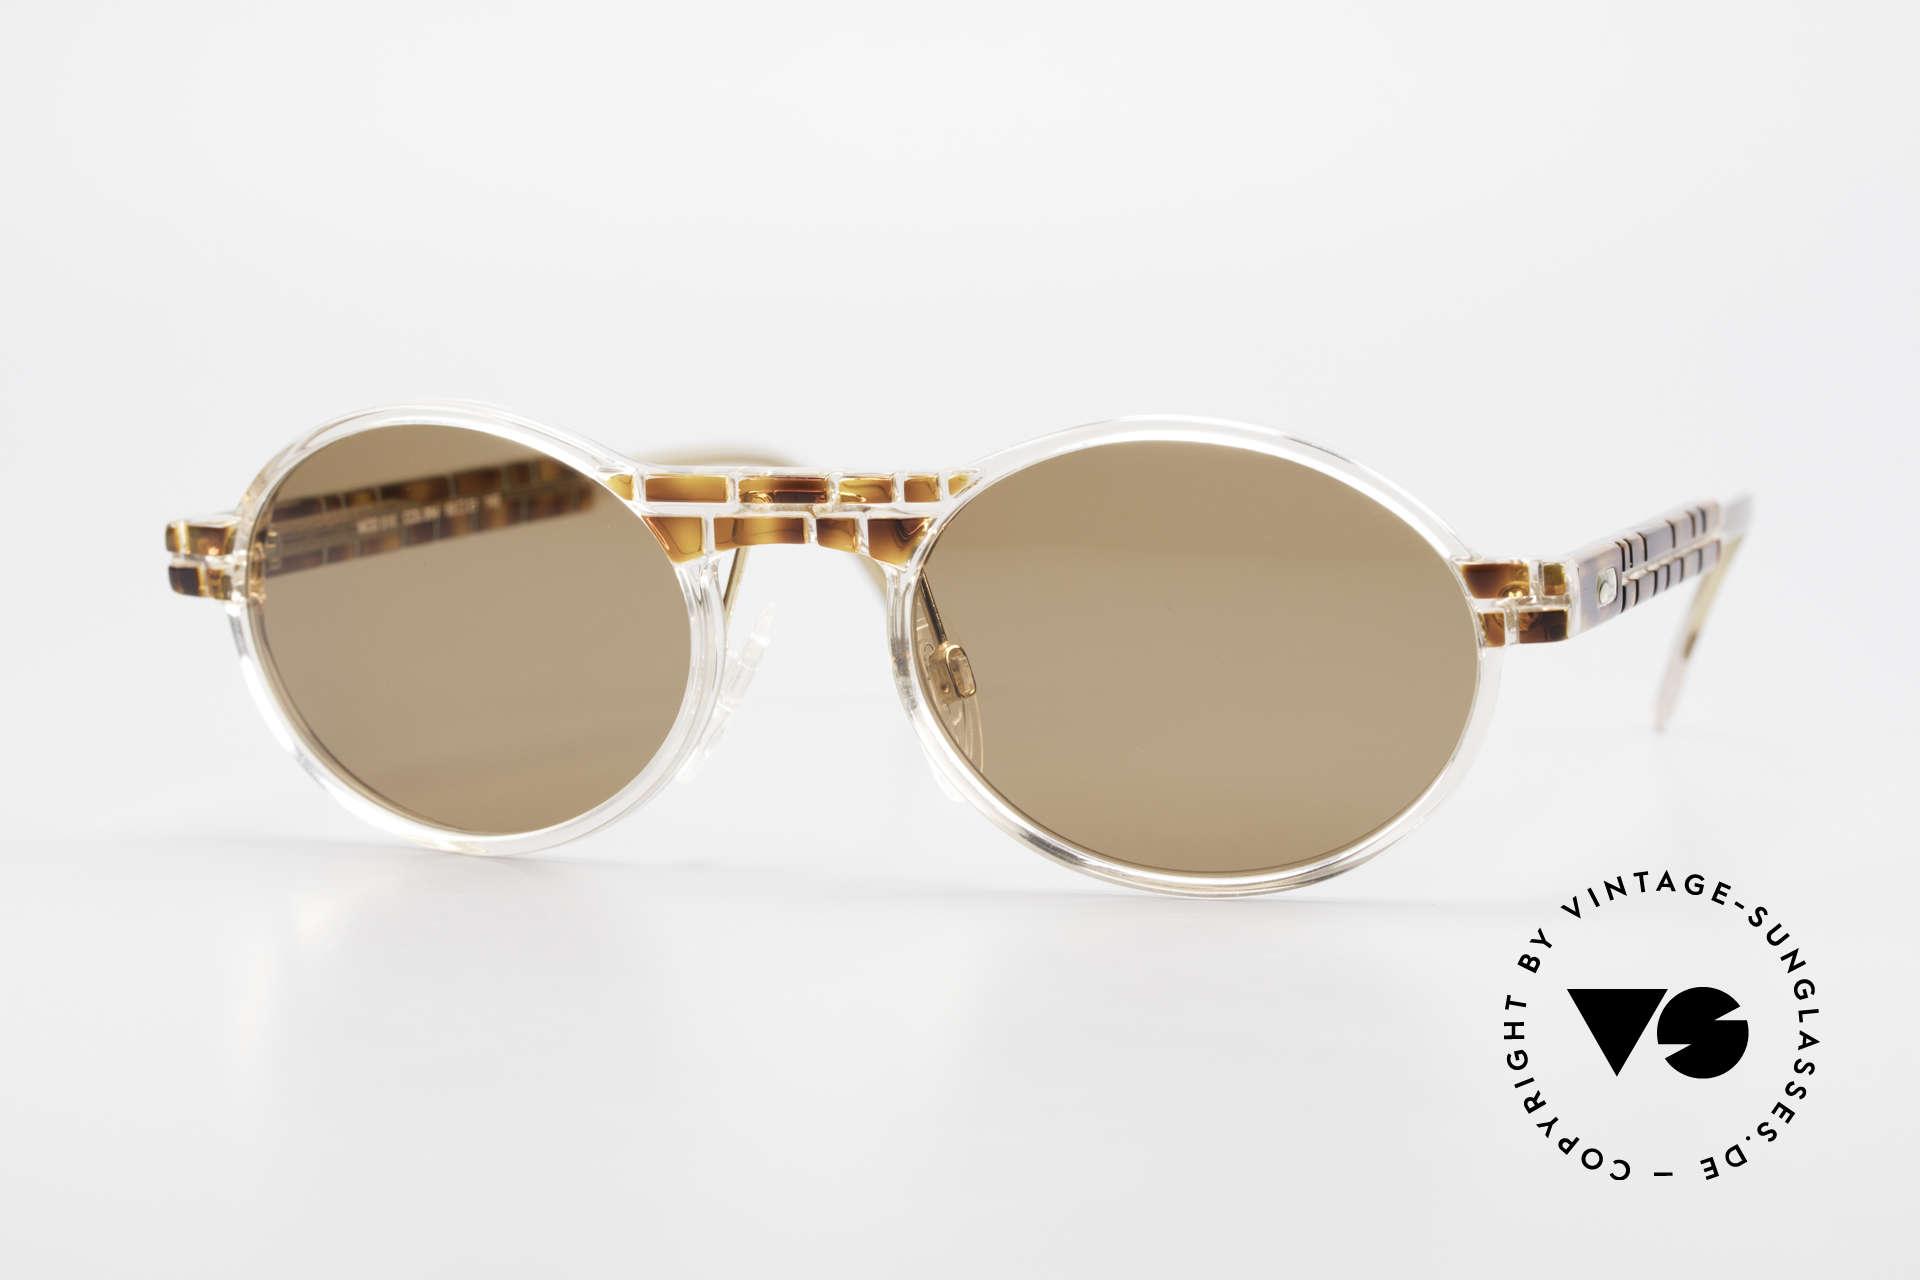 Cazal 510 Limitierte Ovale Vintage Cazal, seltene vintage Brille der Cazal Crystal 500er Serie, Passend für Herren und Damen